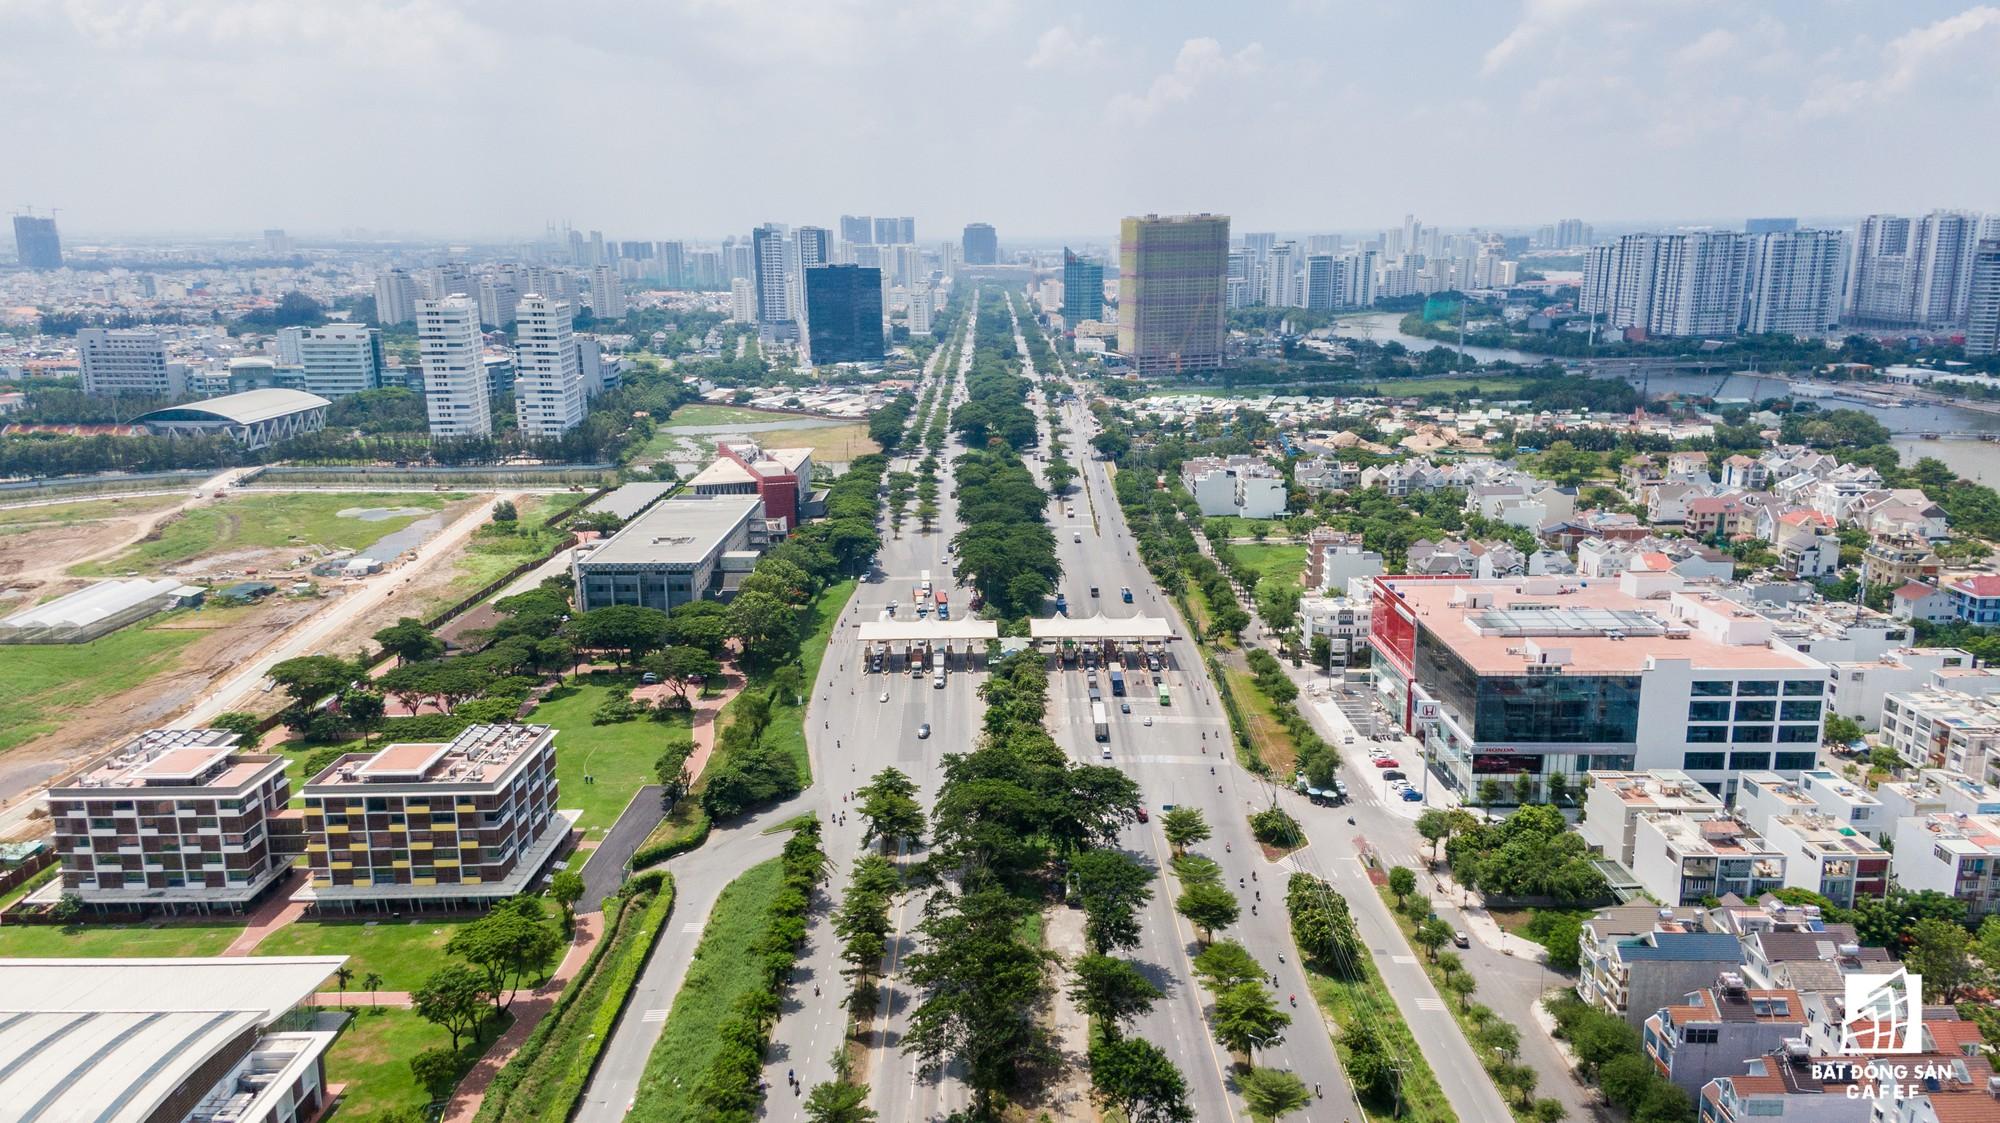 Toàn cảnh đại lộ tỷ đô đã tạo nên một thị trường bất động sản rất riêng cho khu Nam Sài Gòn - Ảnh 9.